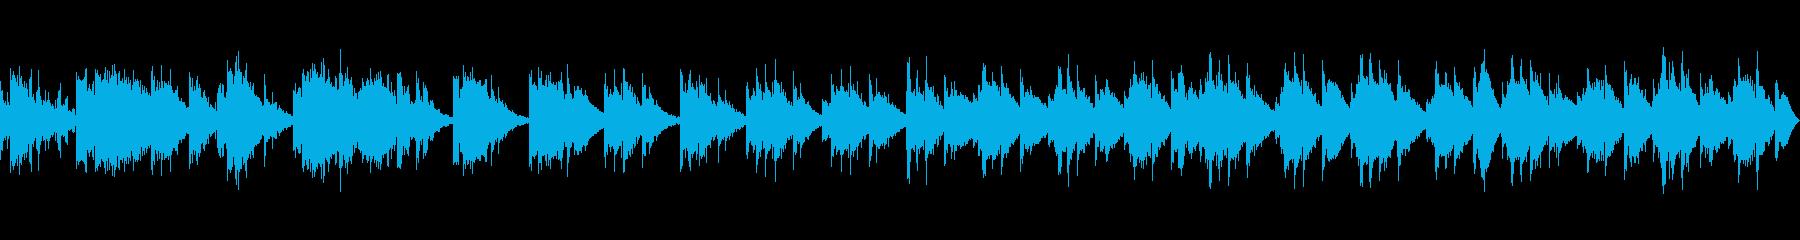 エレクトロプログレッシブジャズの再生済みの波形